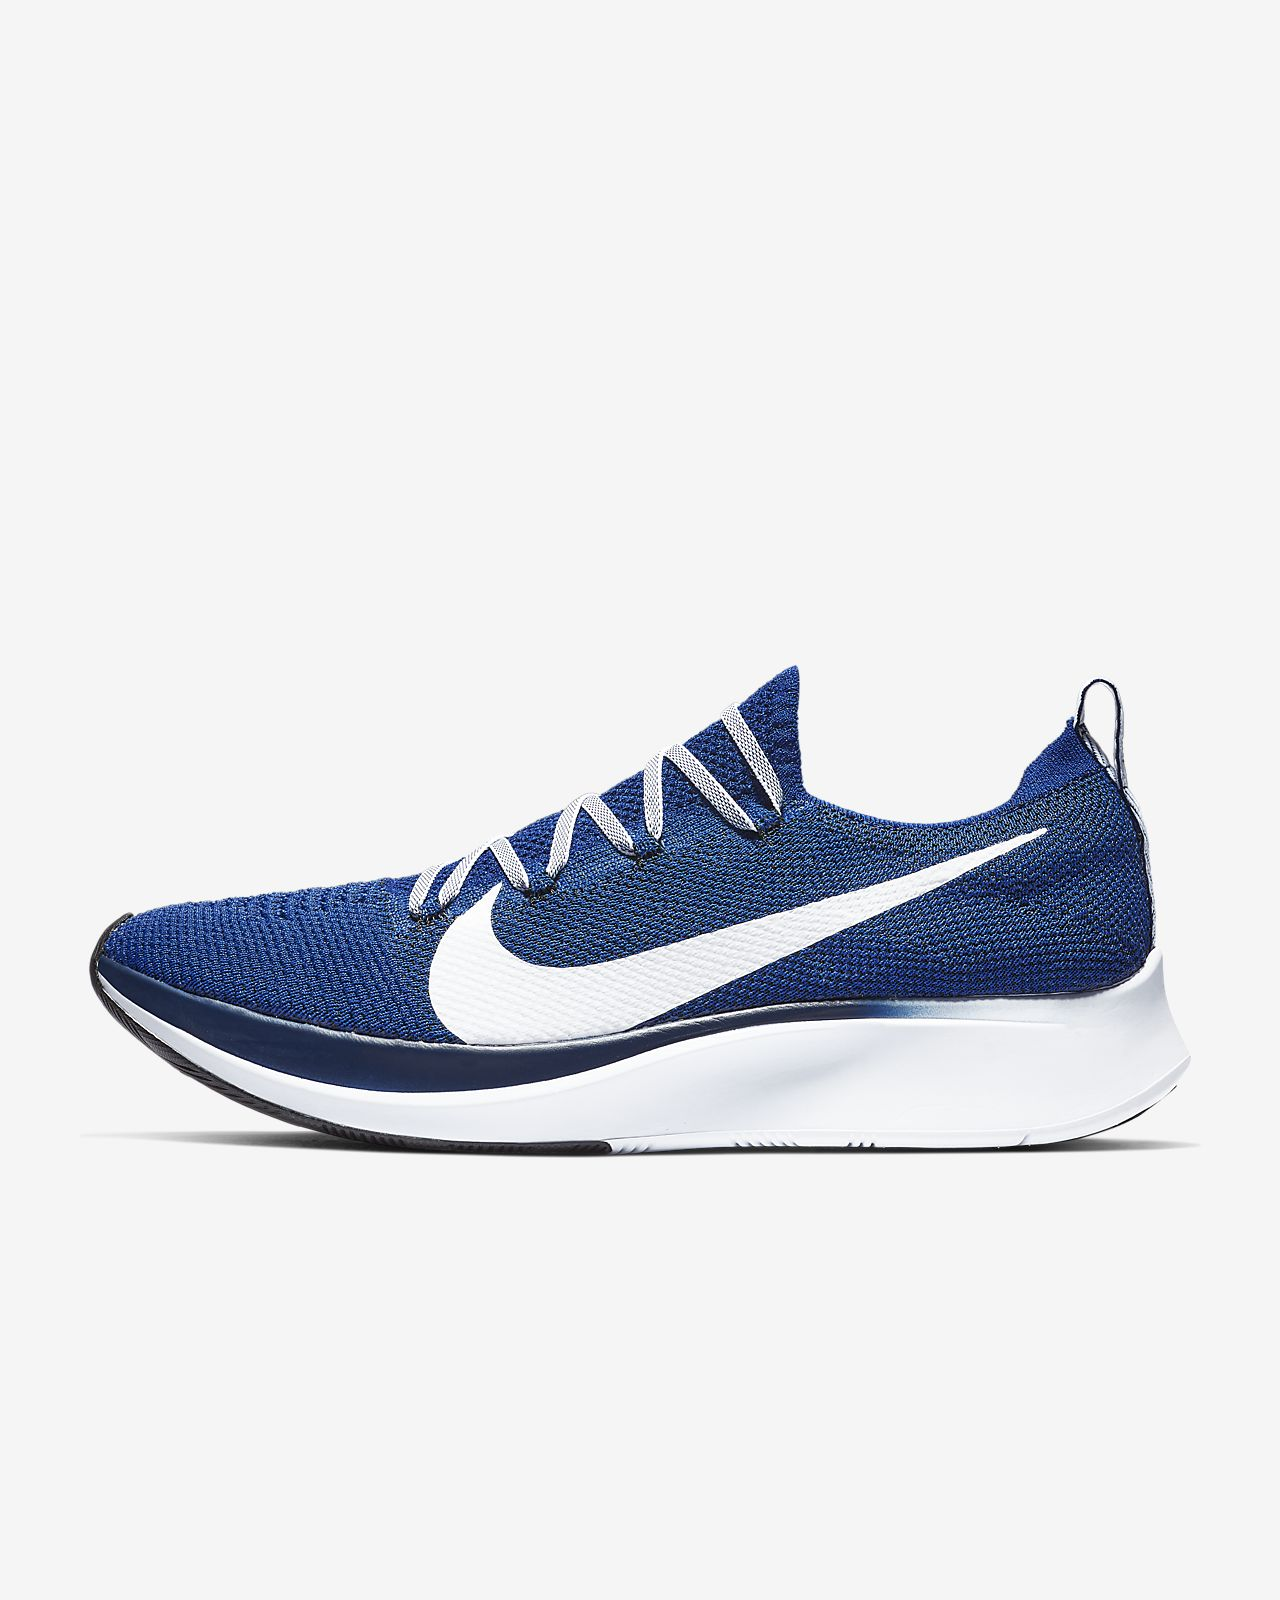 Nike Zoom Fly Flyknit Zapatillas de running - Hombre